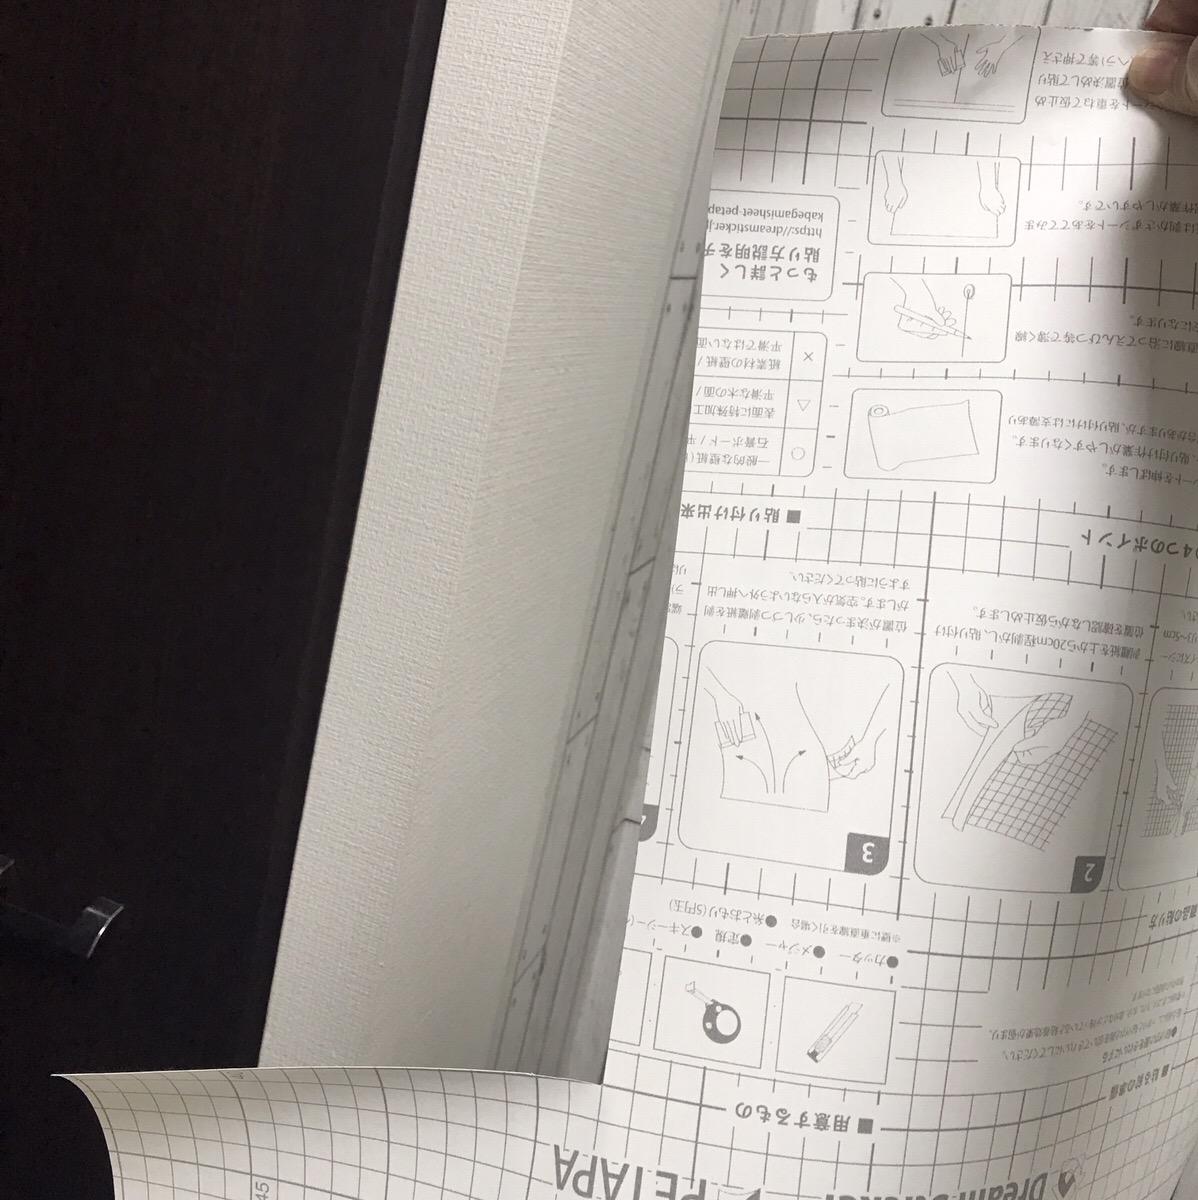 壁紙シート PETAPA 梁